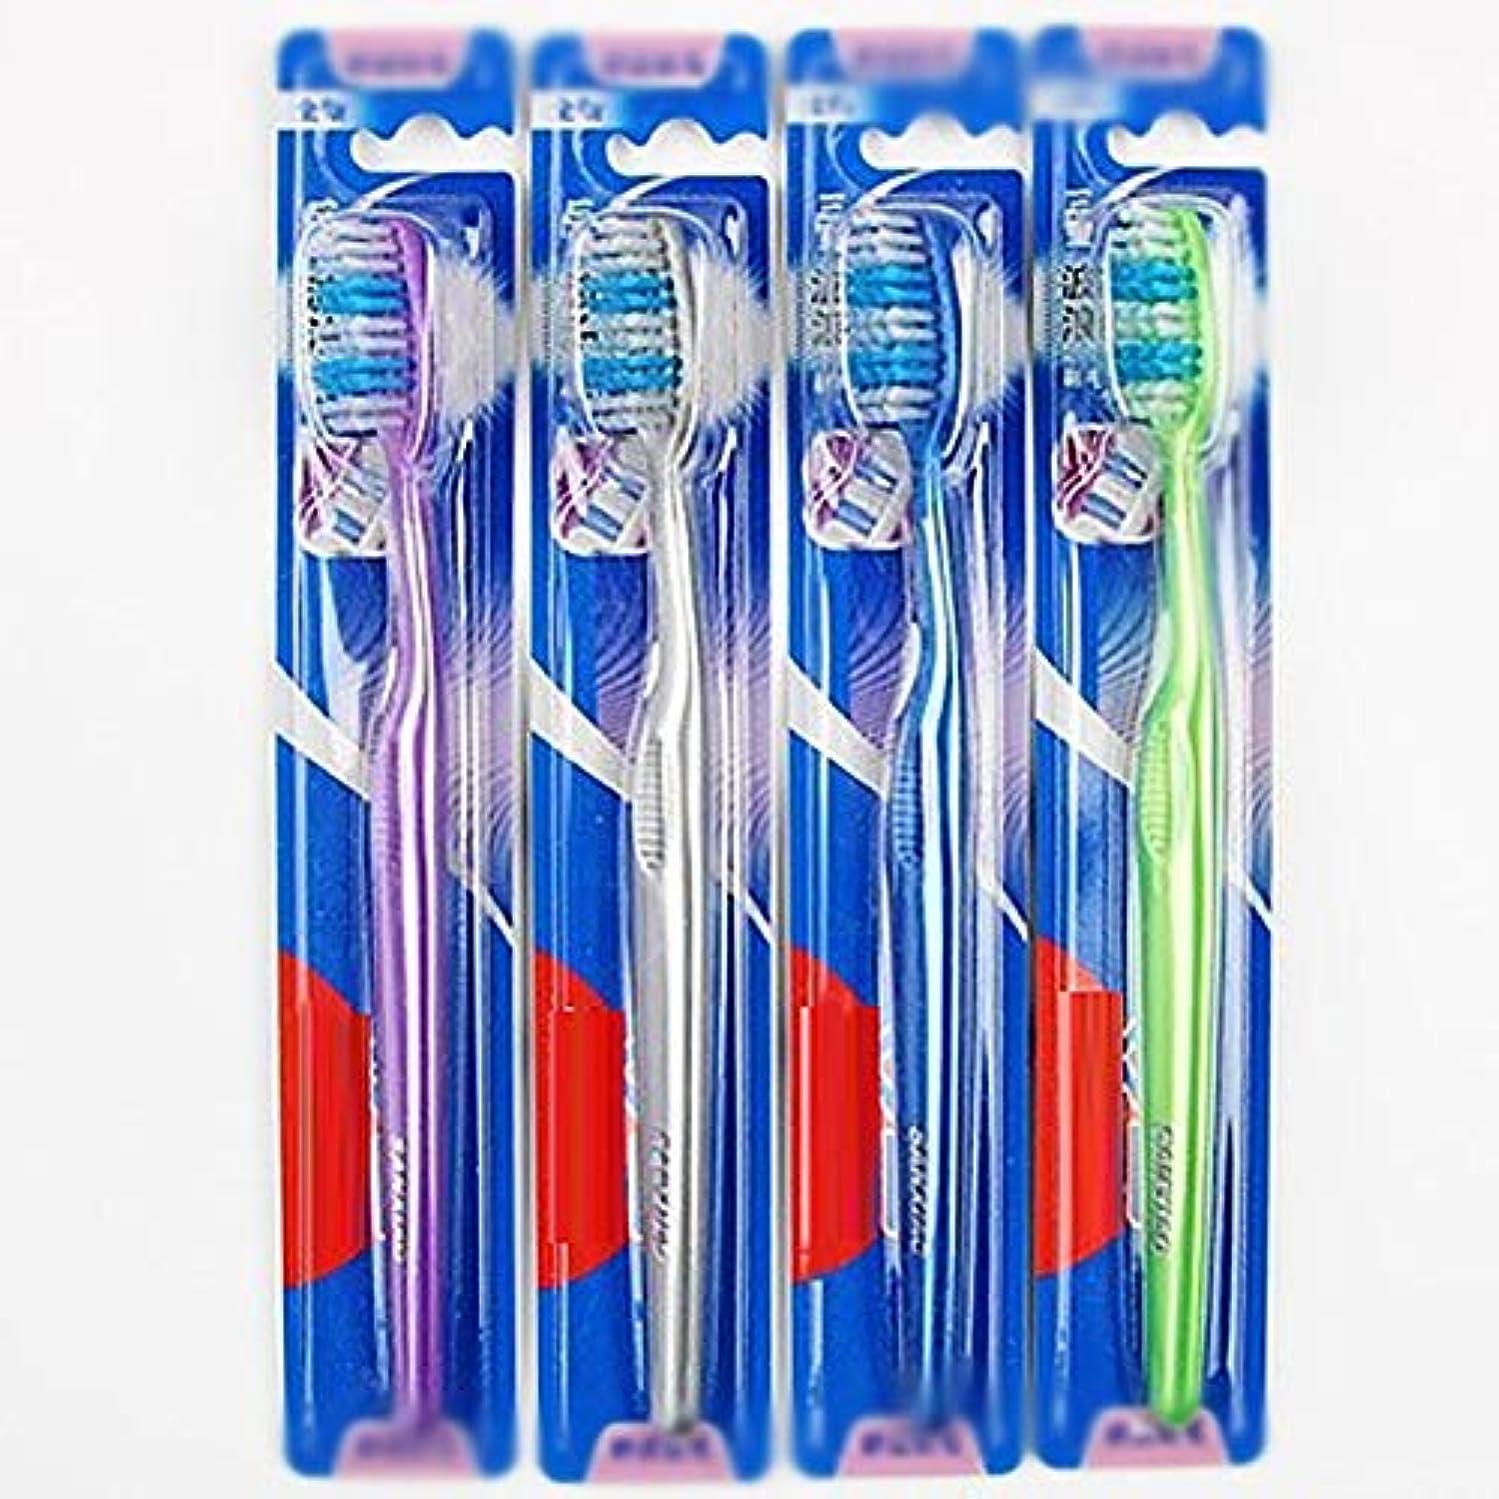 支払う分布珍しい歯ブラシ 30歯ブラシ、快適な柔らかい歯ブラシ、大人歯ブラシ - 使用可能なスタイルの2種類 KHL (色 : B, サイズ : 30 packs)